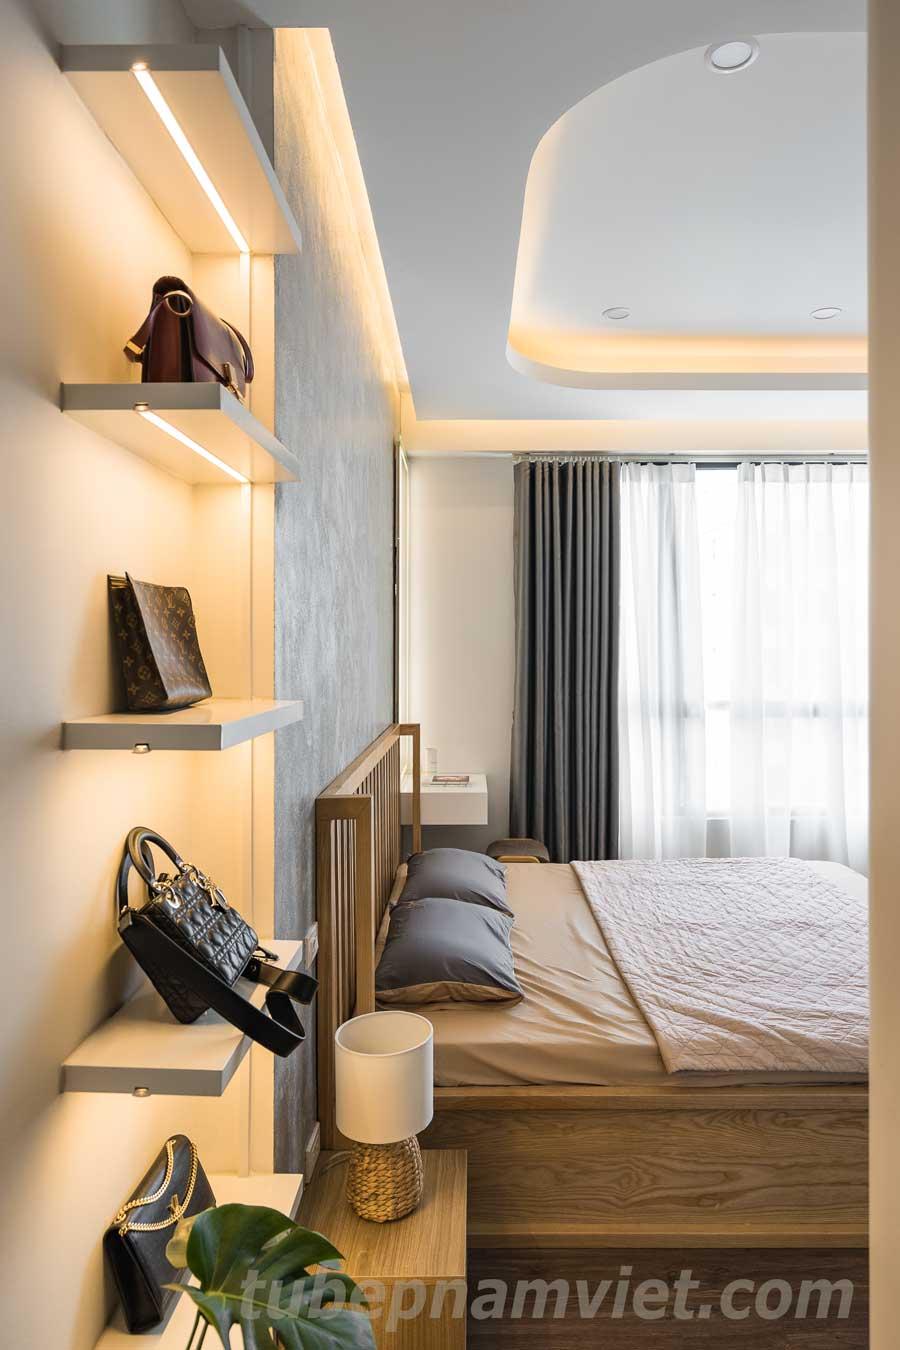 kệ trưng bày túi xách nhỏ gọn cho phòng ngủ căn hộ Vinhomes